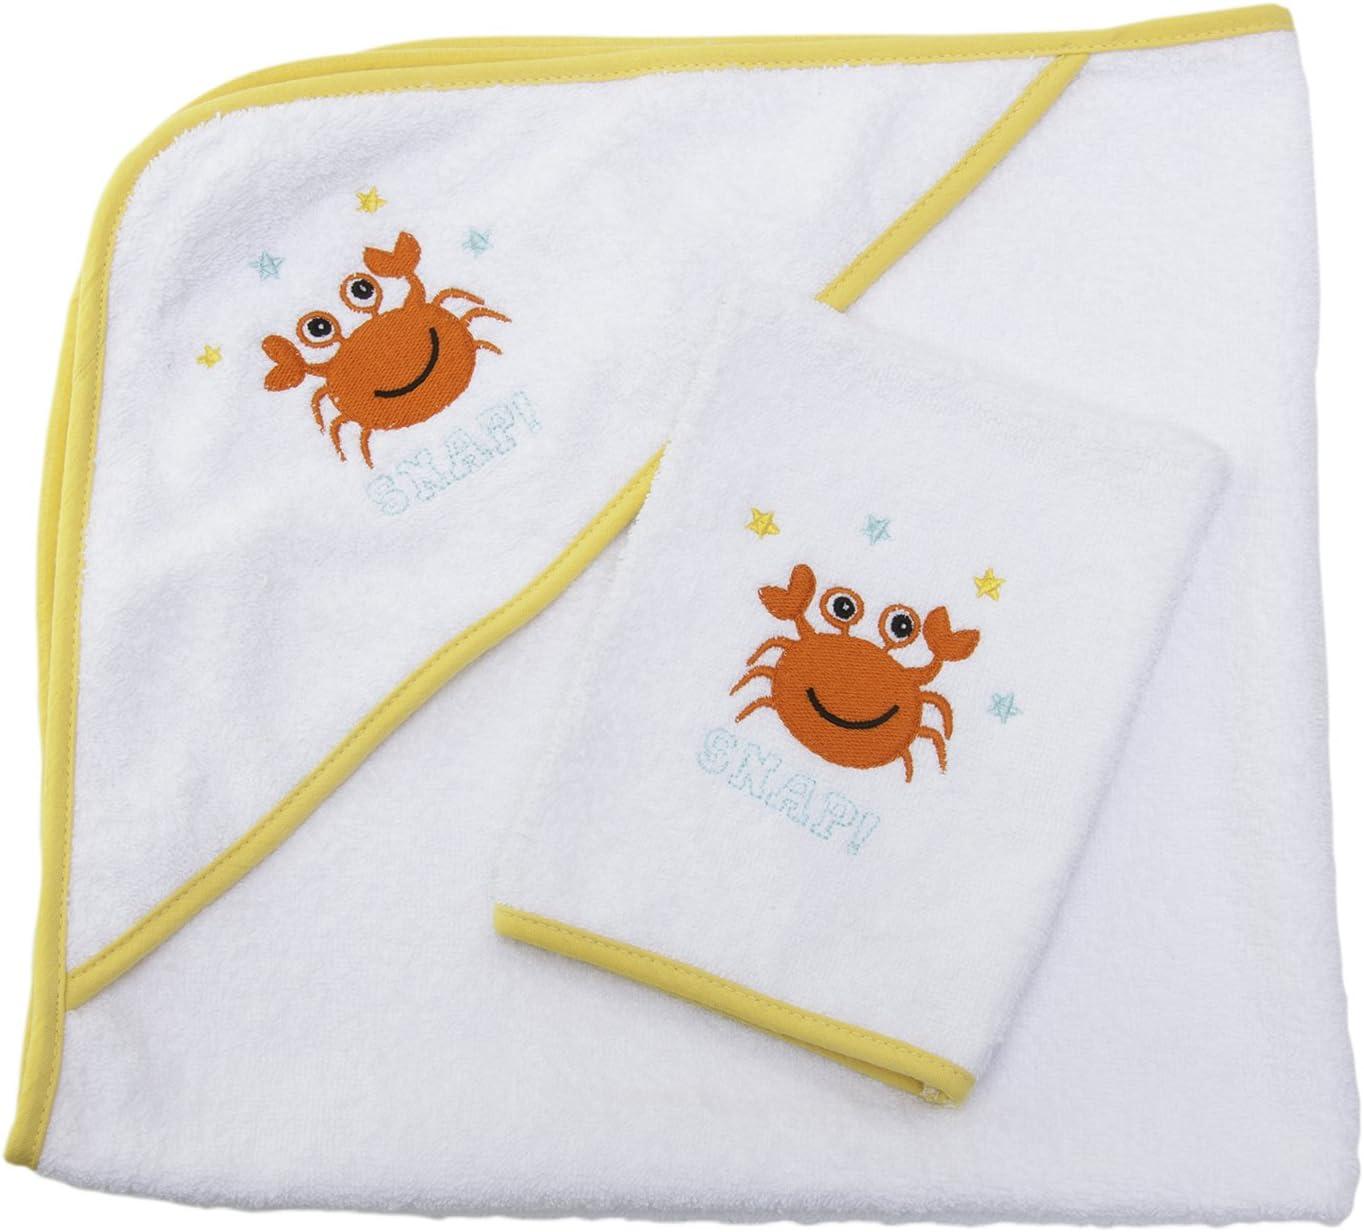 Sensio Serviette à capuchon pour bébé - Extra doux et absorbant, 100% coton, Grand 75x75 cm - Tissu blanc avec capuche pour bébés, nouveau-nés, tout-petits, nourrissons - Jaune